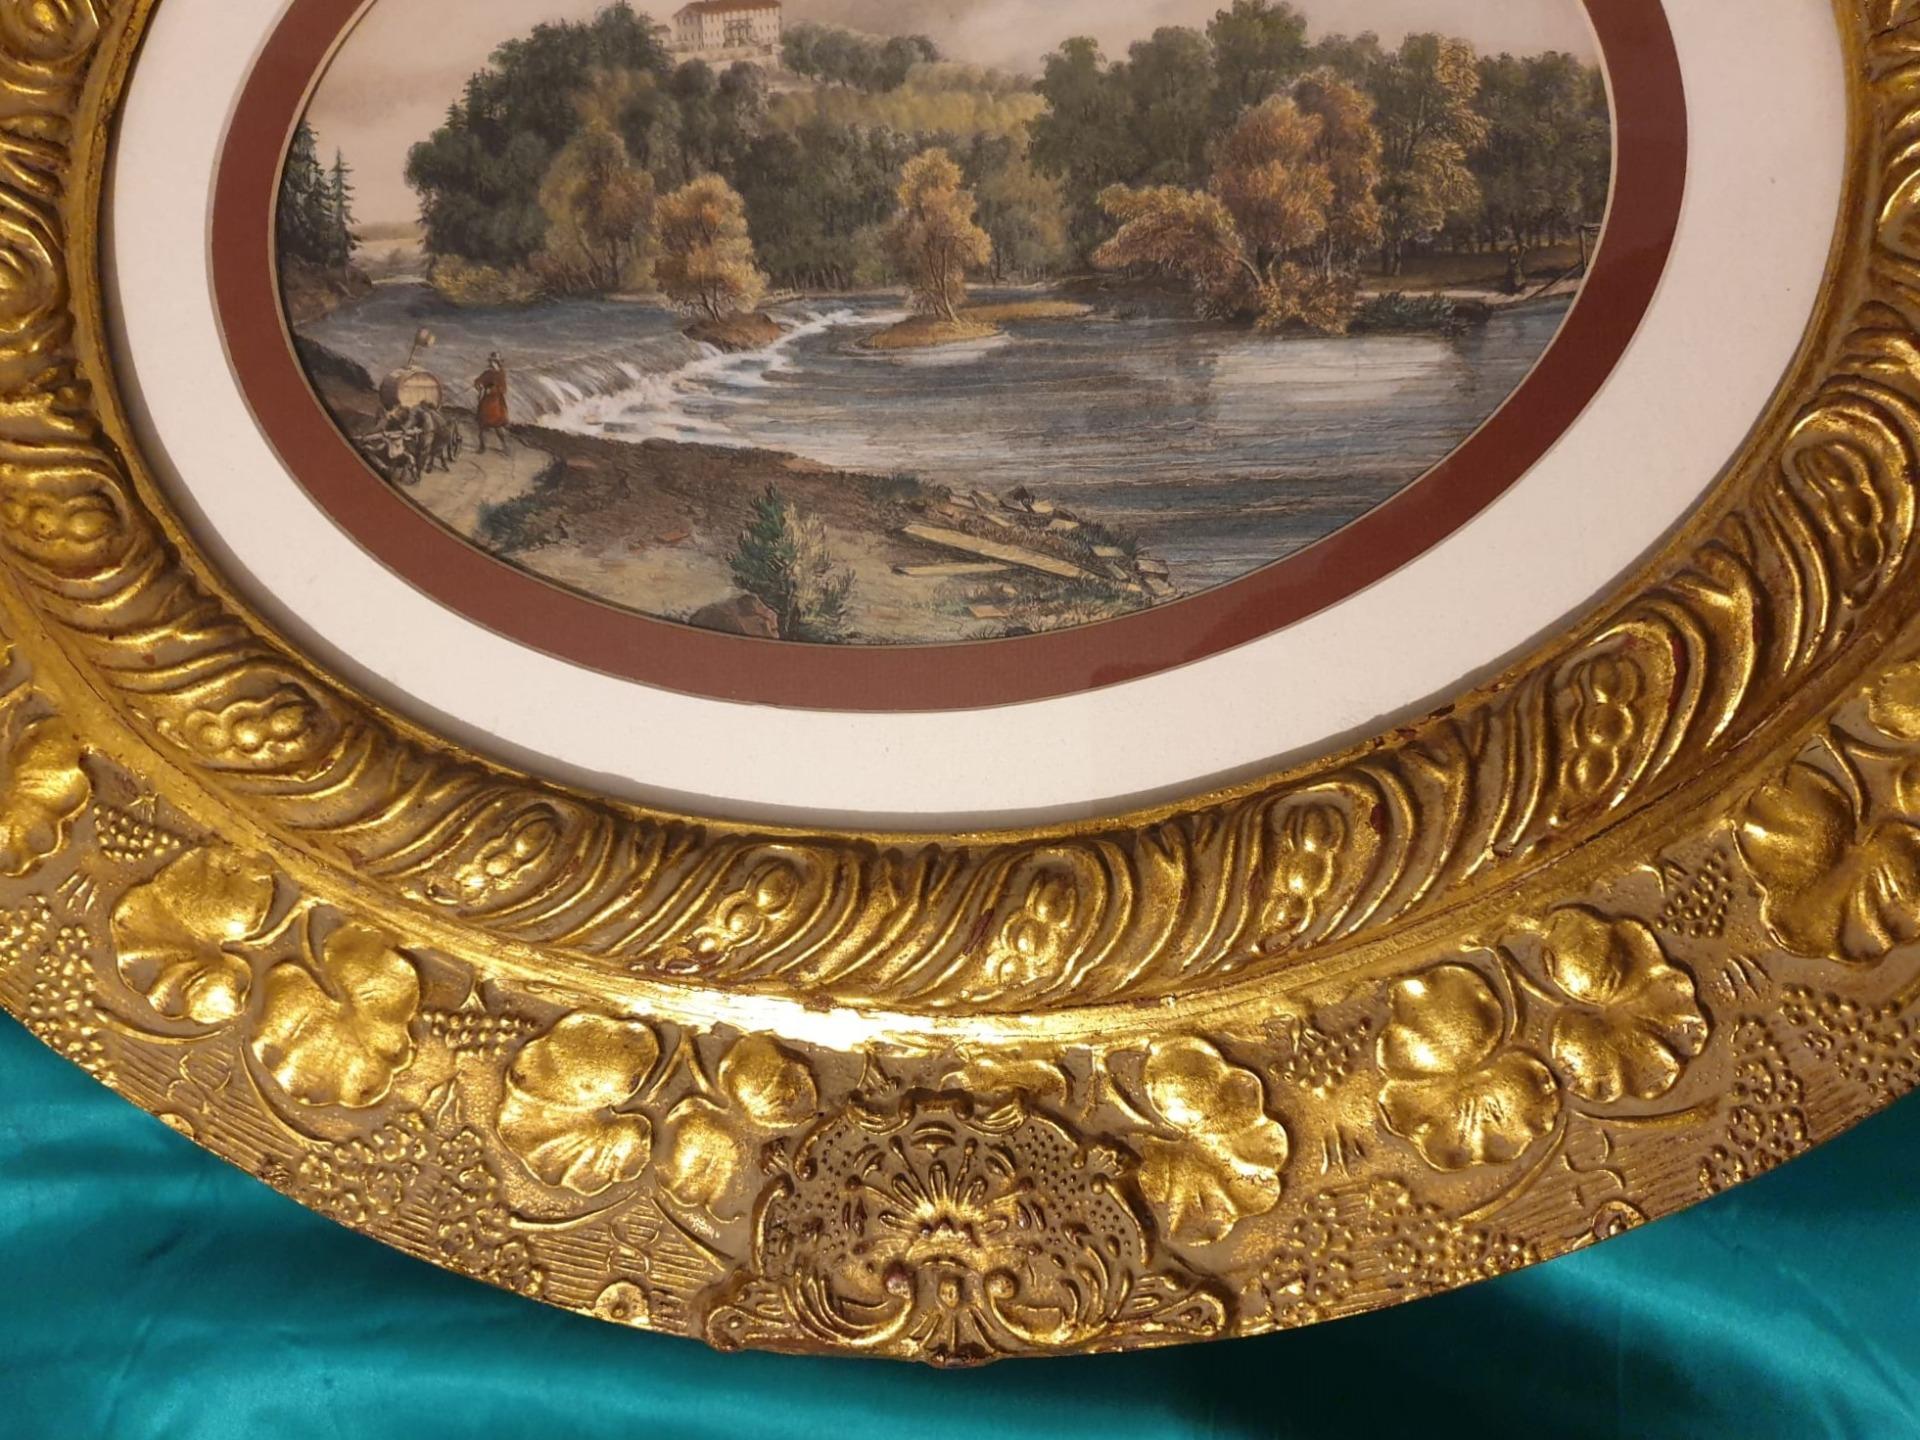 thumb2|Copia di cornici ovali dorate